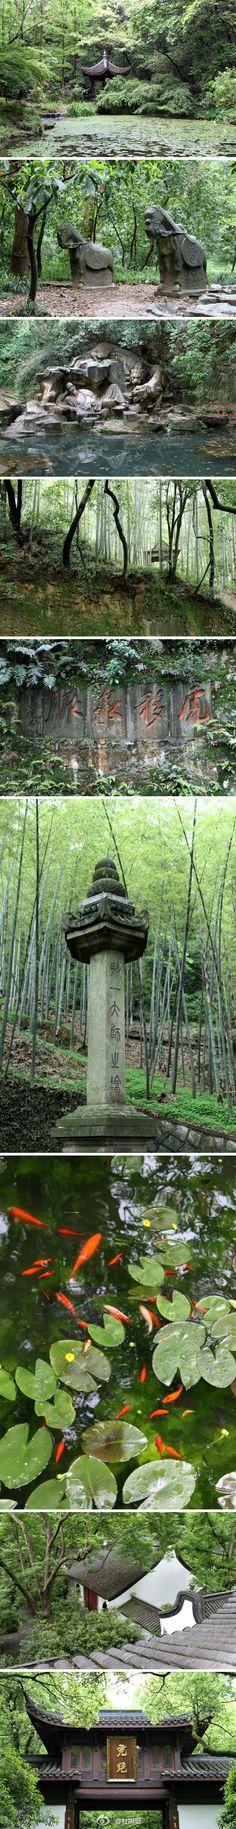 Hangzhou, China - Traveled here to adopt my daughter in 1999.